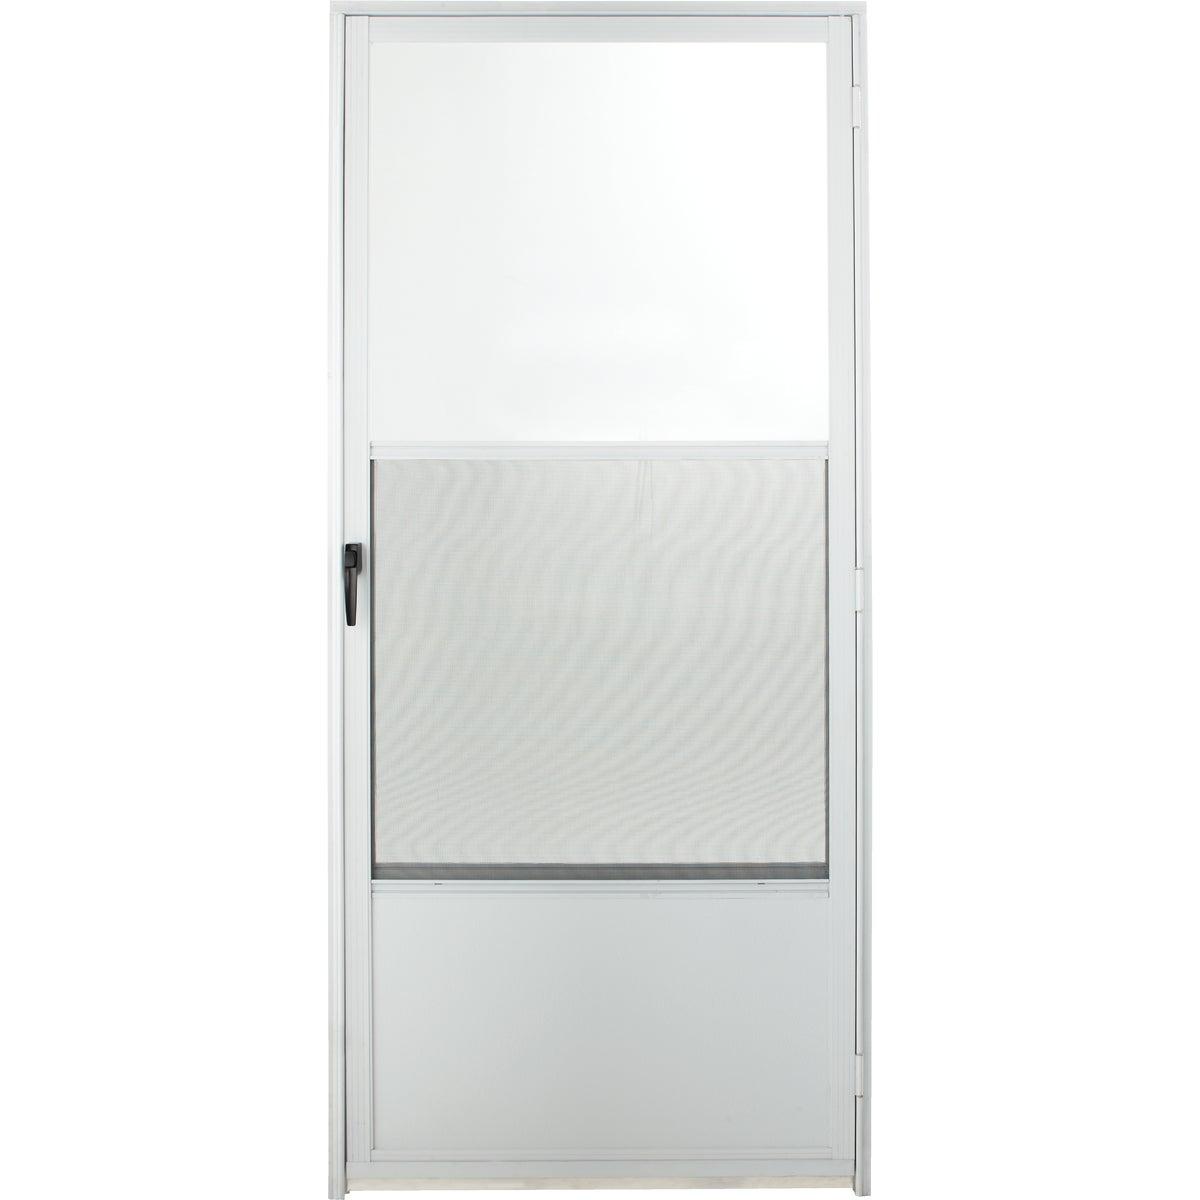 163 3068 RH WHT DOOR